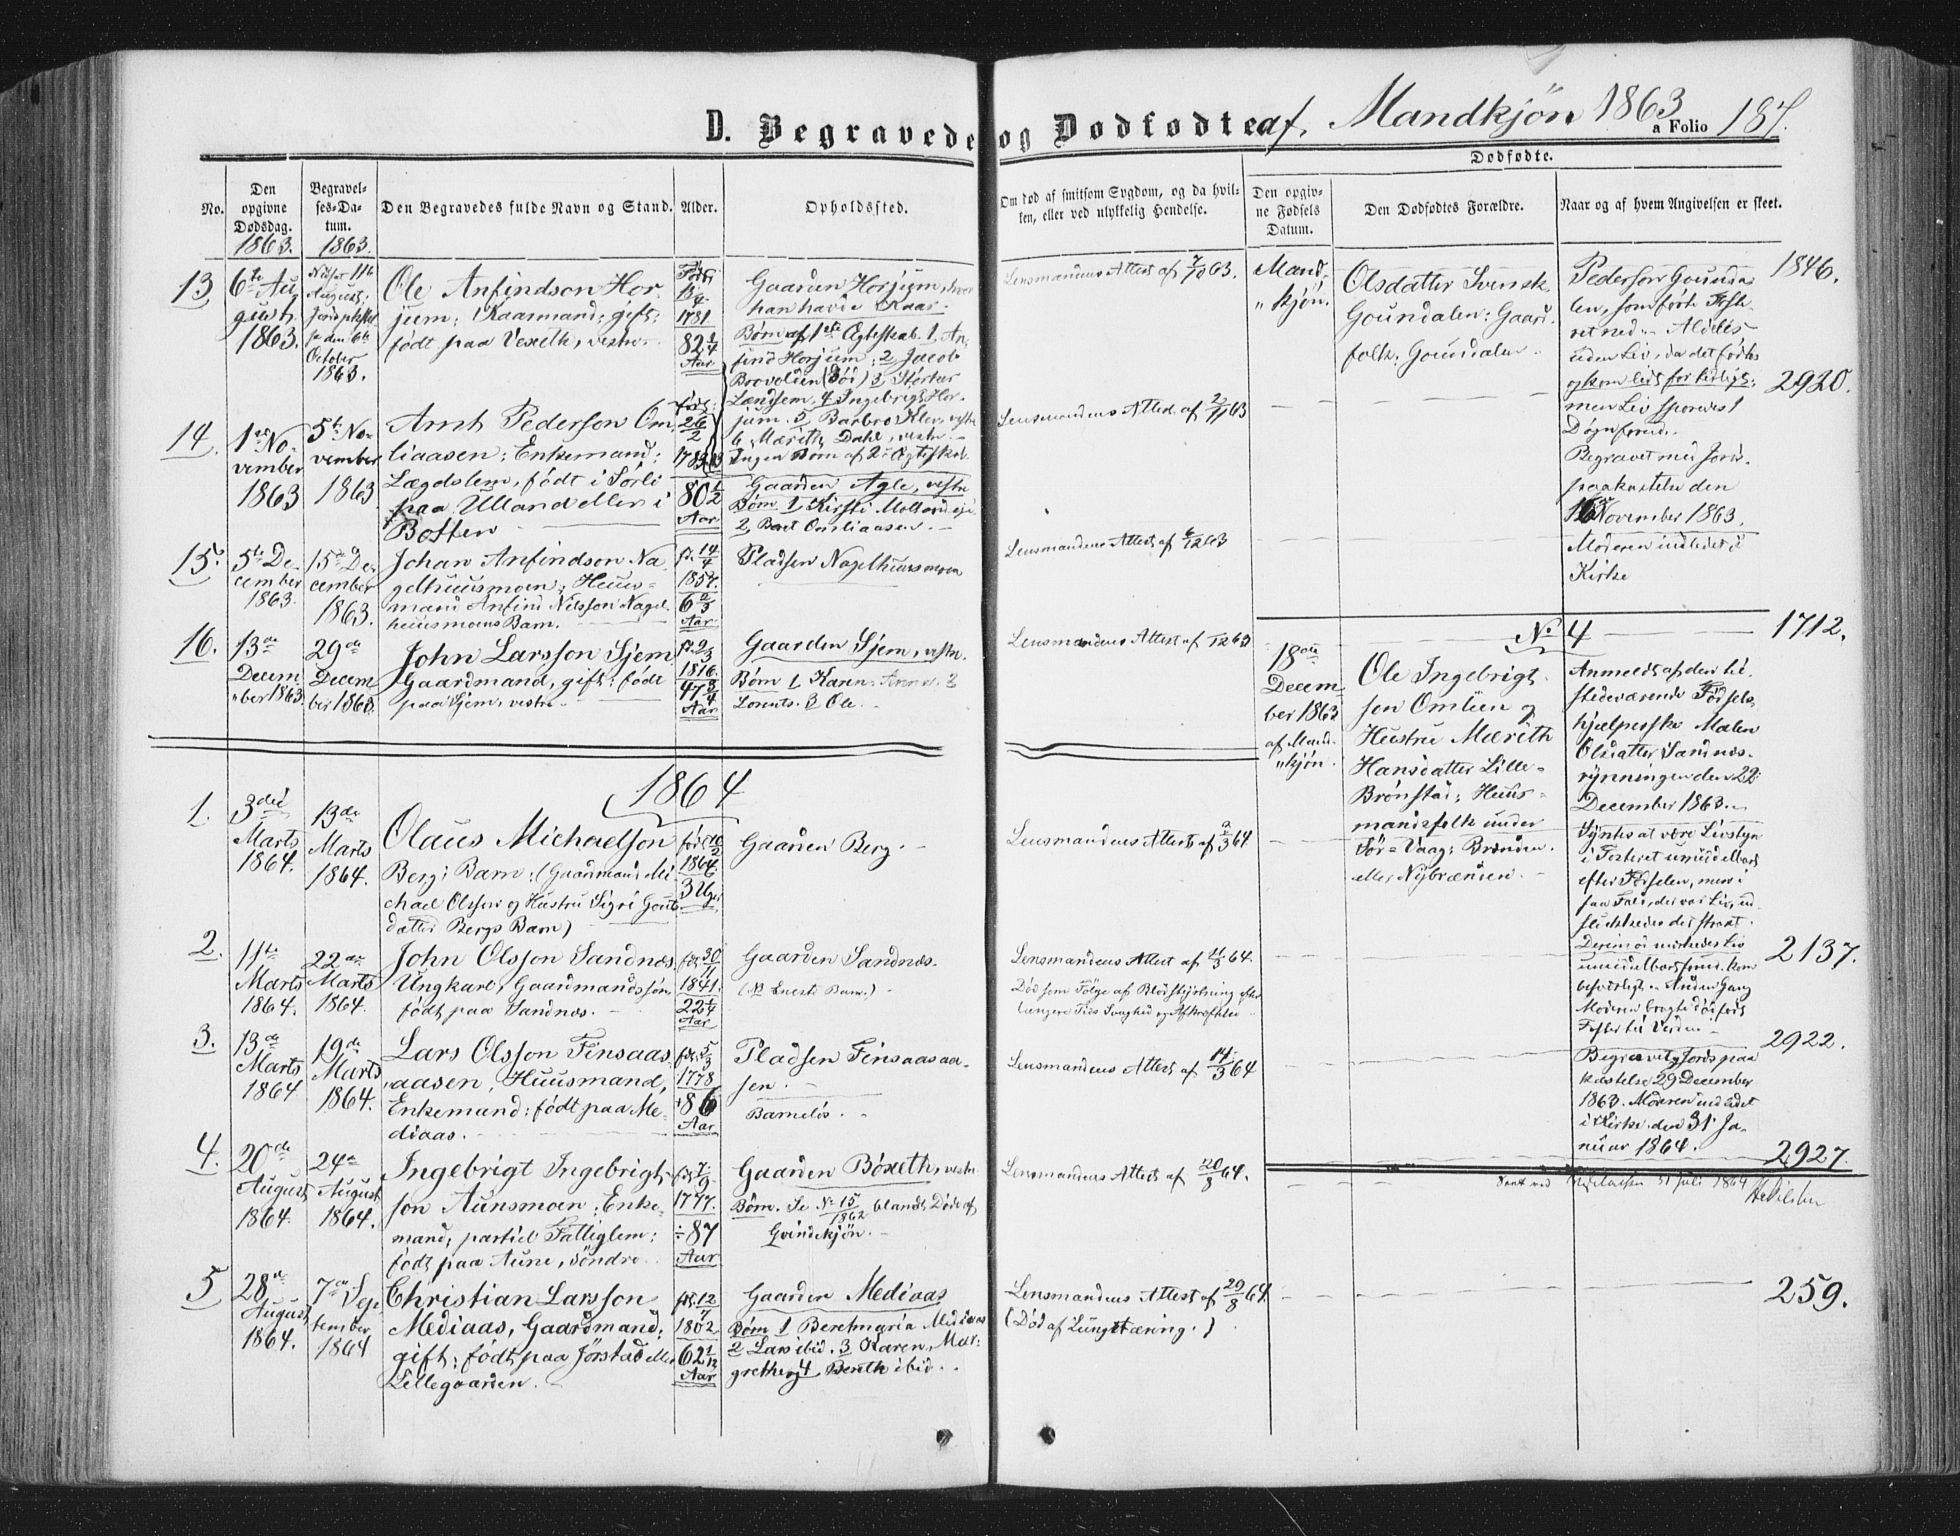 SAT, Ministerialprotokoller, klokkerbøker og fødselsregistre - Nord-Trøndelag, 749/L0472: Ministerialbok nr. 749A06, 1857-1873, s. 187